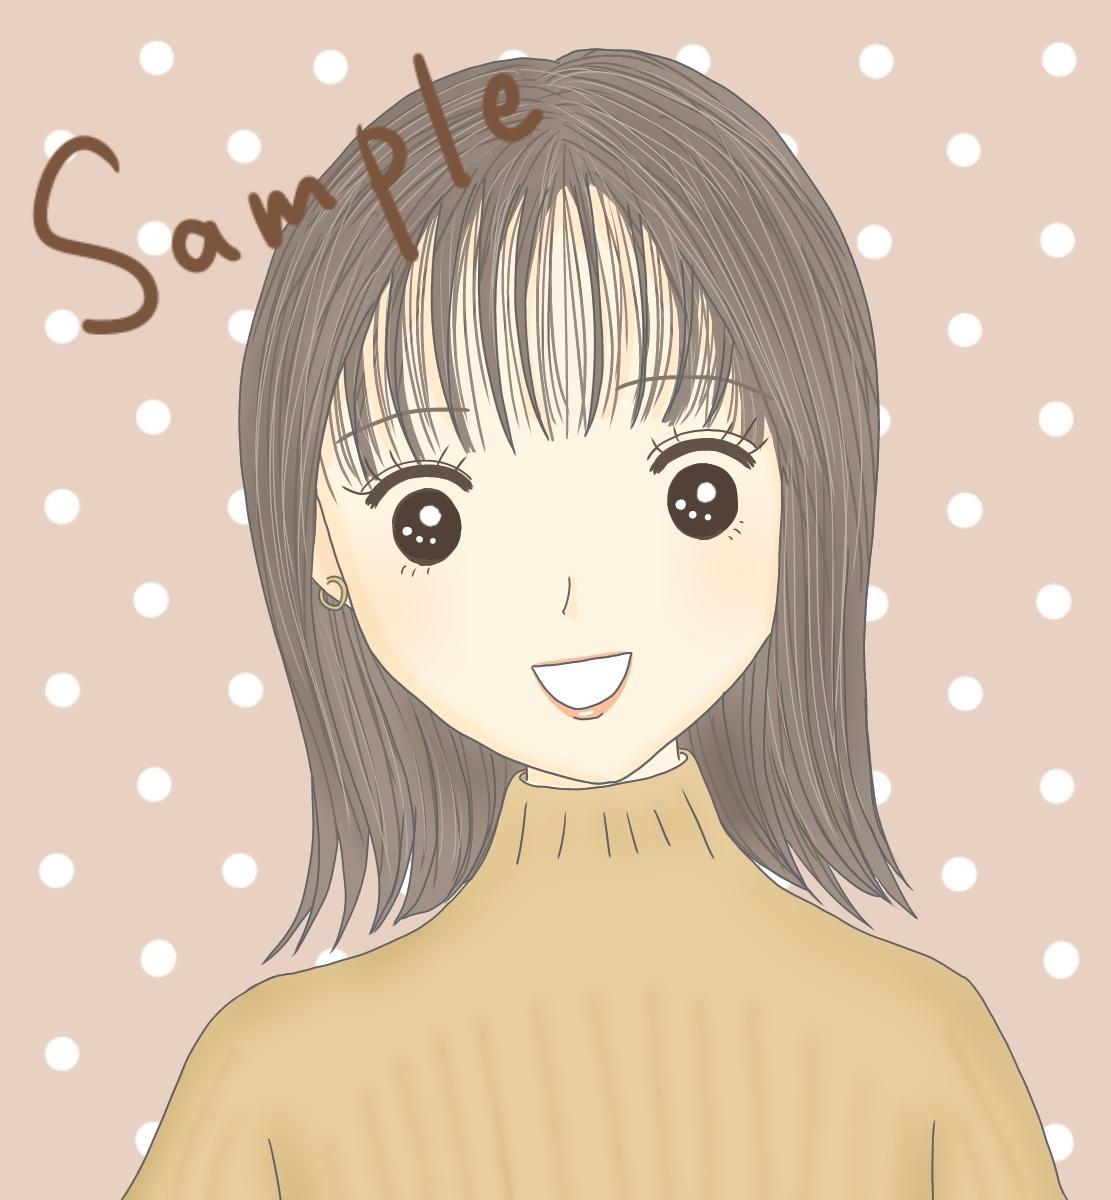 SNS用!お洒落可愛い女性のアイコン描きます 優しい雰囲気のオリジナルアイコンでフォロワー増!